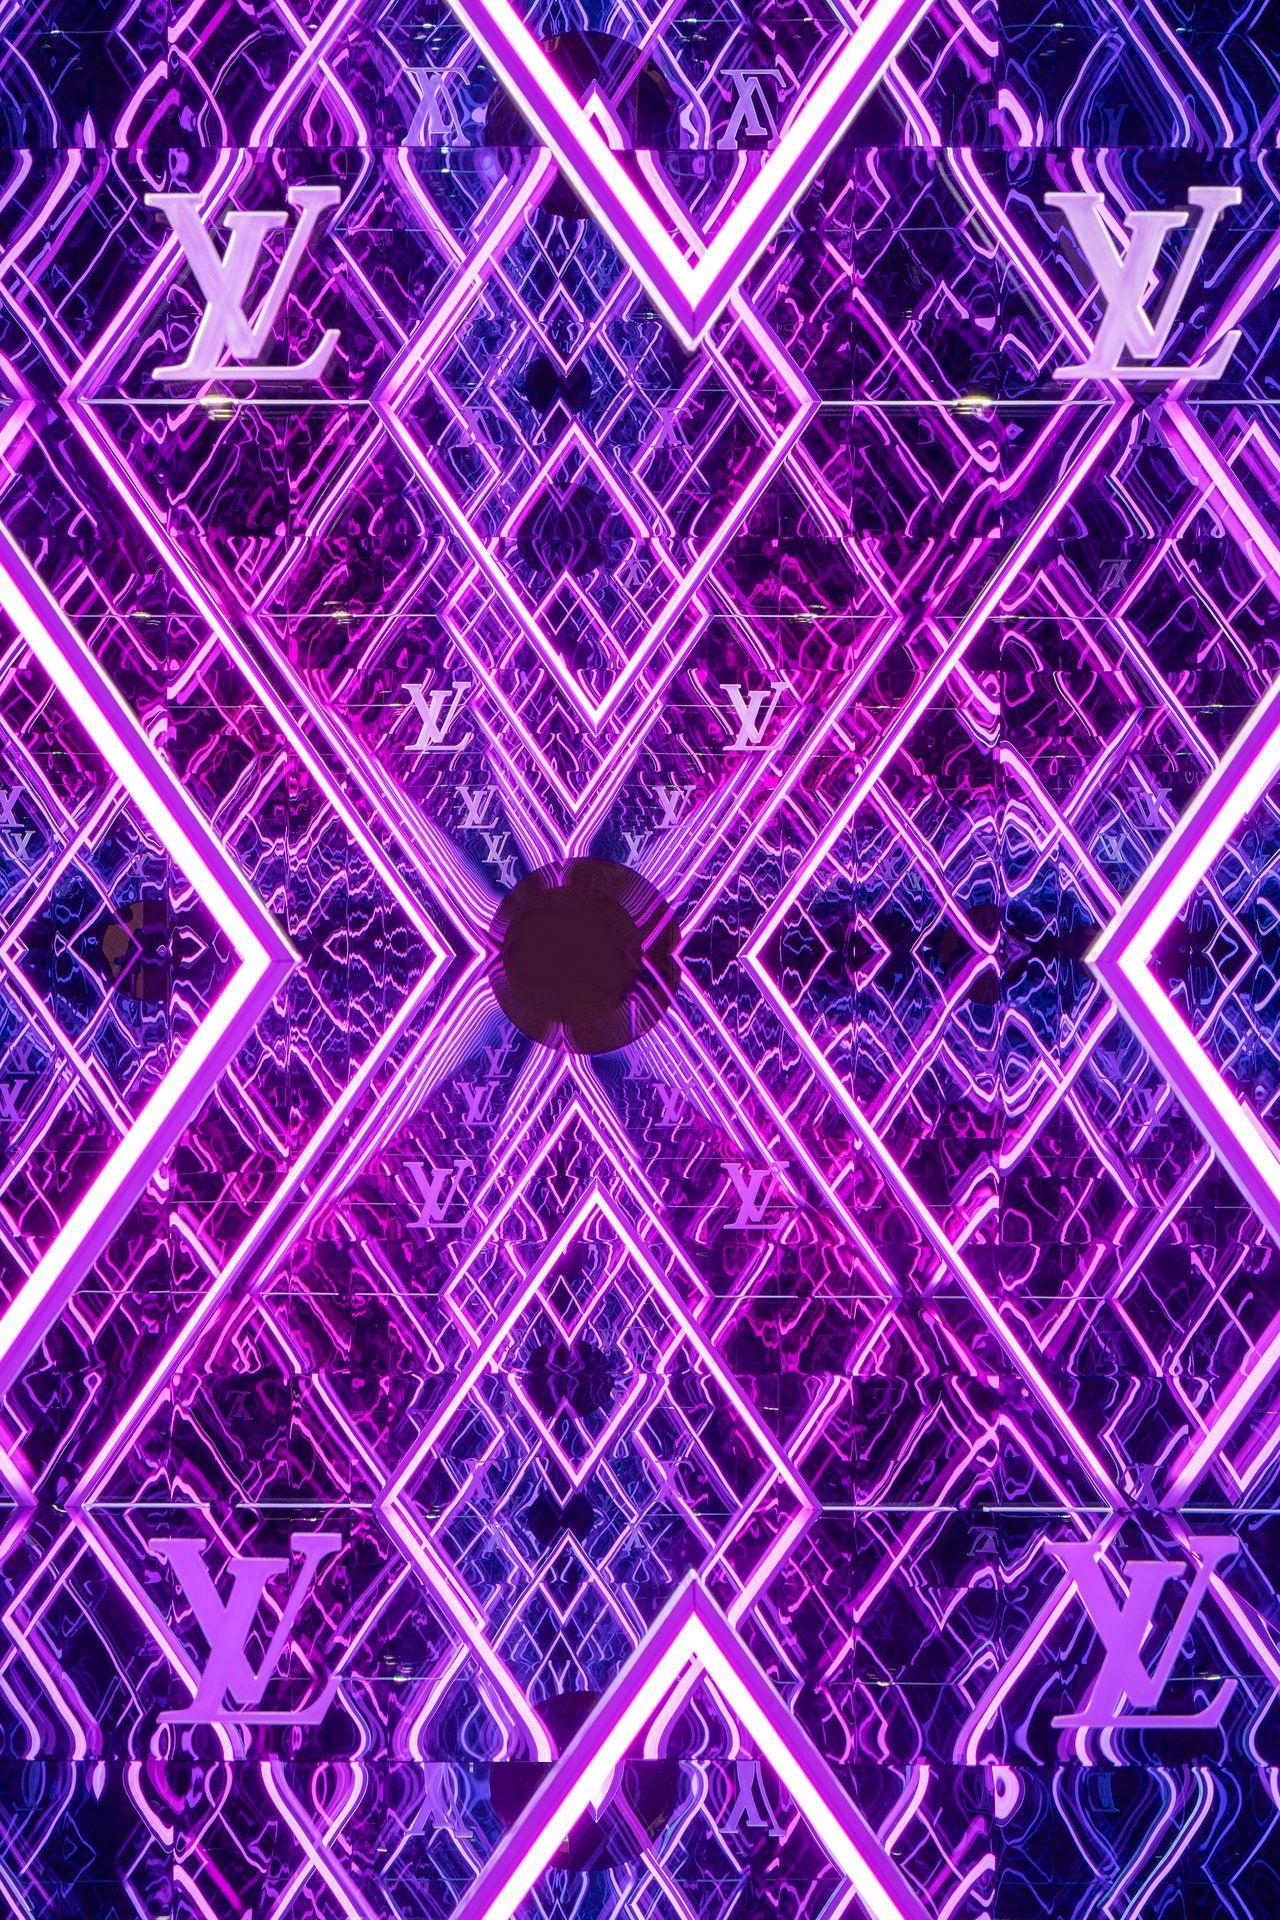 The Louis Vuitton X Exhibition In La Is Extended Until November 10 En 2020 Fond D Ecran Telephone Fond D Ecran Dessin Fond D Ecran Iphone Fleur